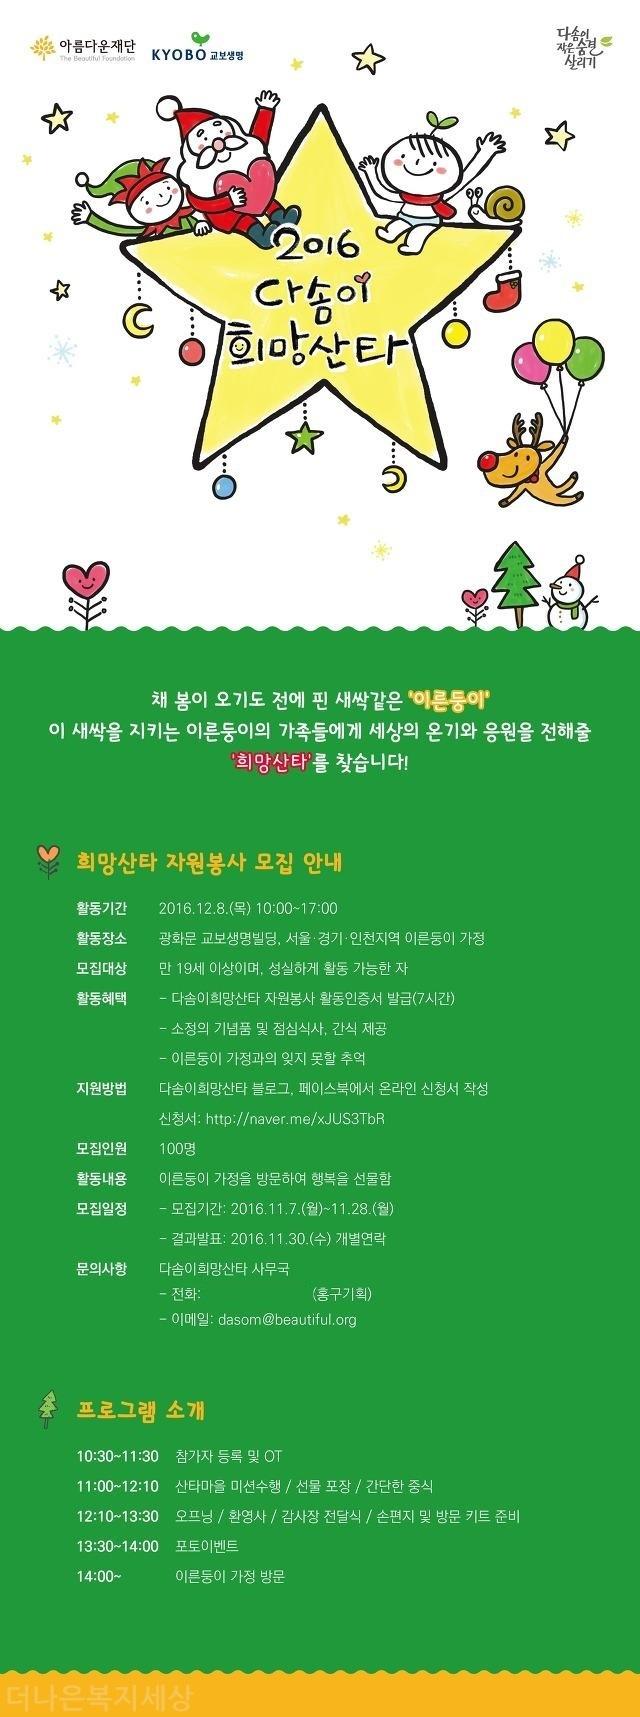 2016 다솜이 희망산타, 자원봉사자 모집(다솜작은숨결살리기)